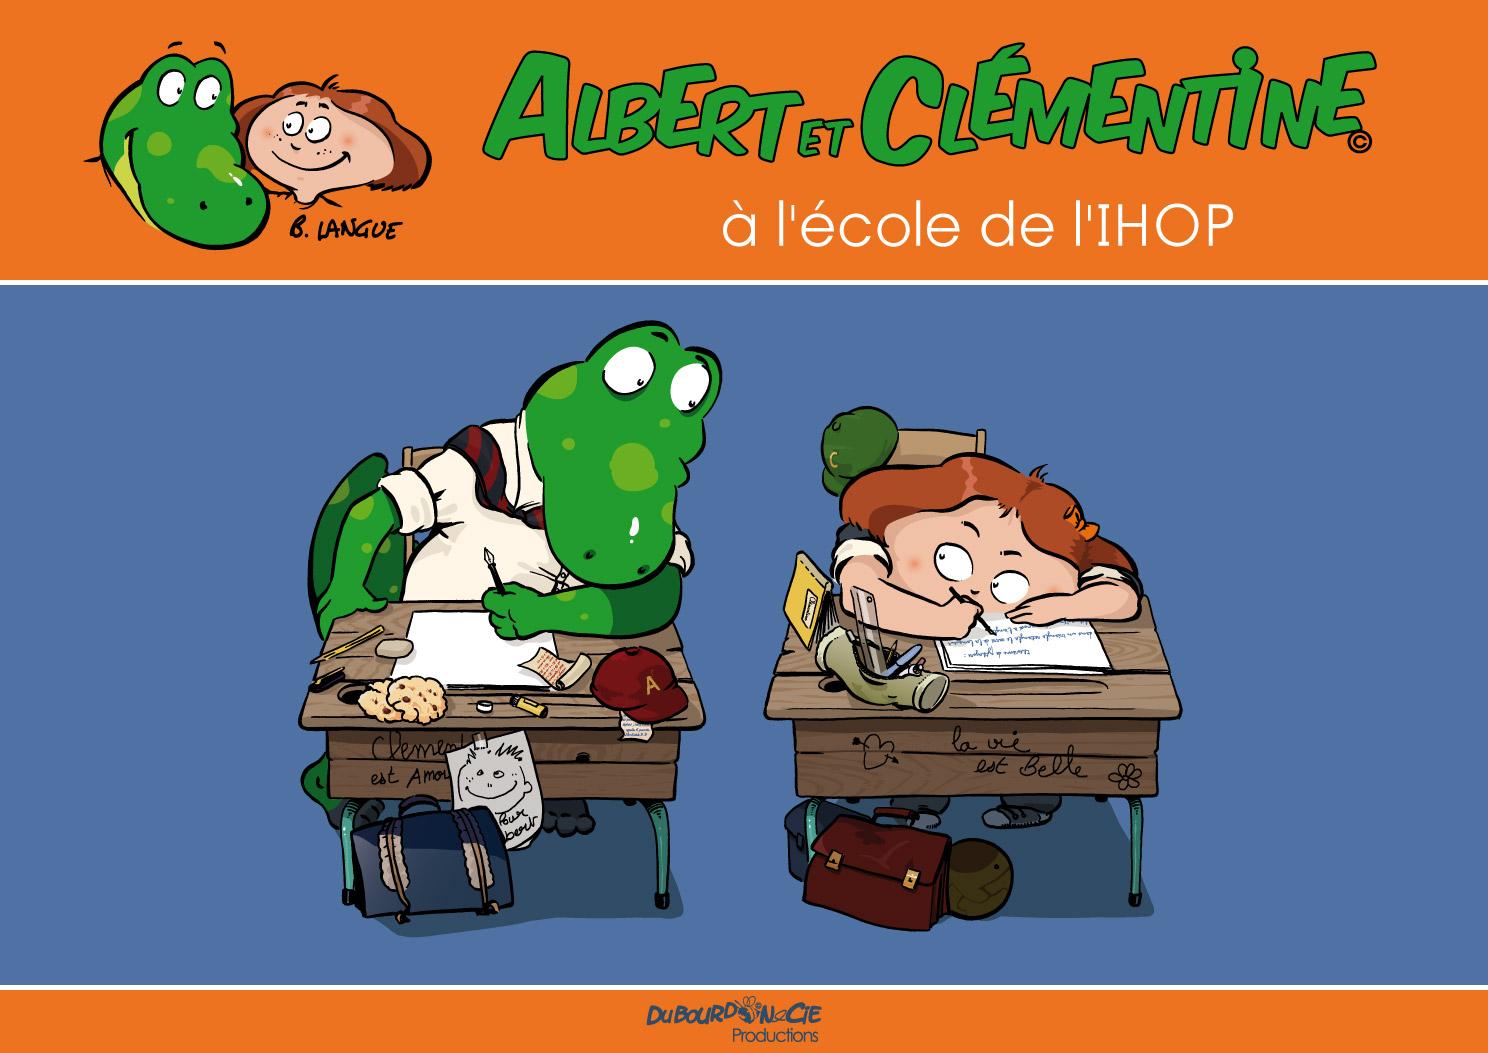 Ecrire un livre avec les enfants hospitalisés à l'IHOP